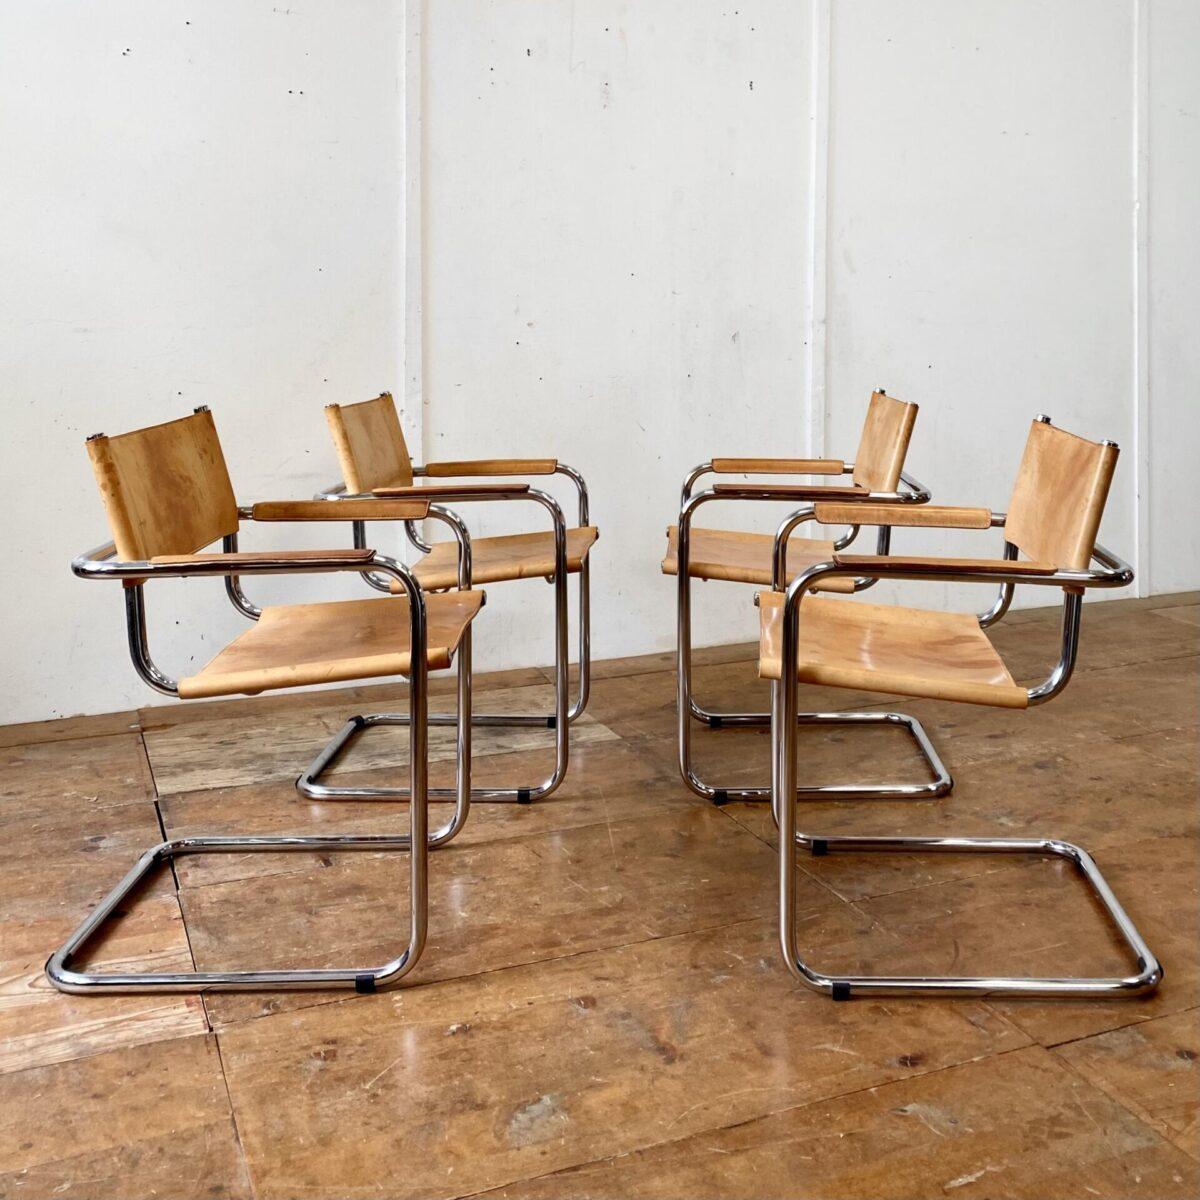 Deuxieme.shop Breuer Freischwinger Mart Stamm. 4er Set Leder Freischwinger. Die Stühle sind in gutem allgemein Zustand. Leder mit Patina, zwei sind auf der Unterseite etwas rissig. Ein Hersteller ist nicht ersichtlich, qualitatives Replika. Der Preis gilt fürs Set.